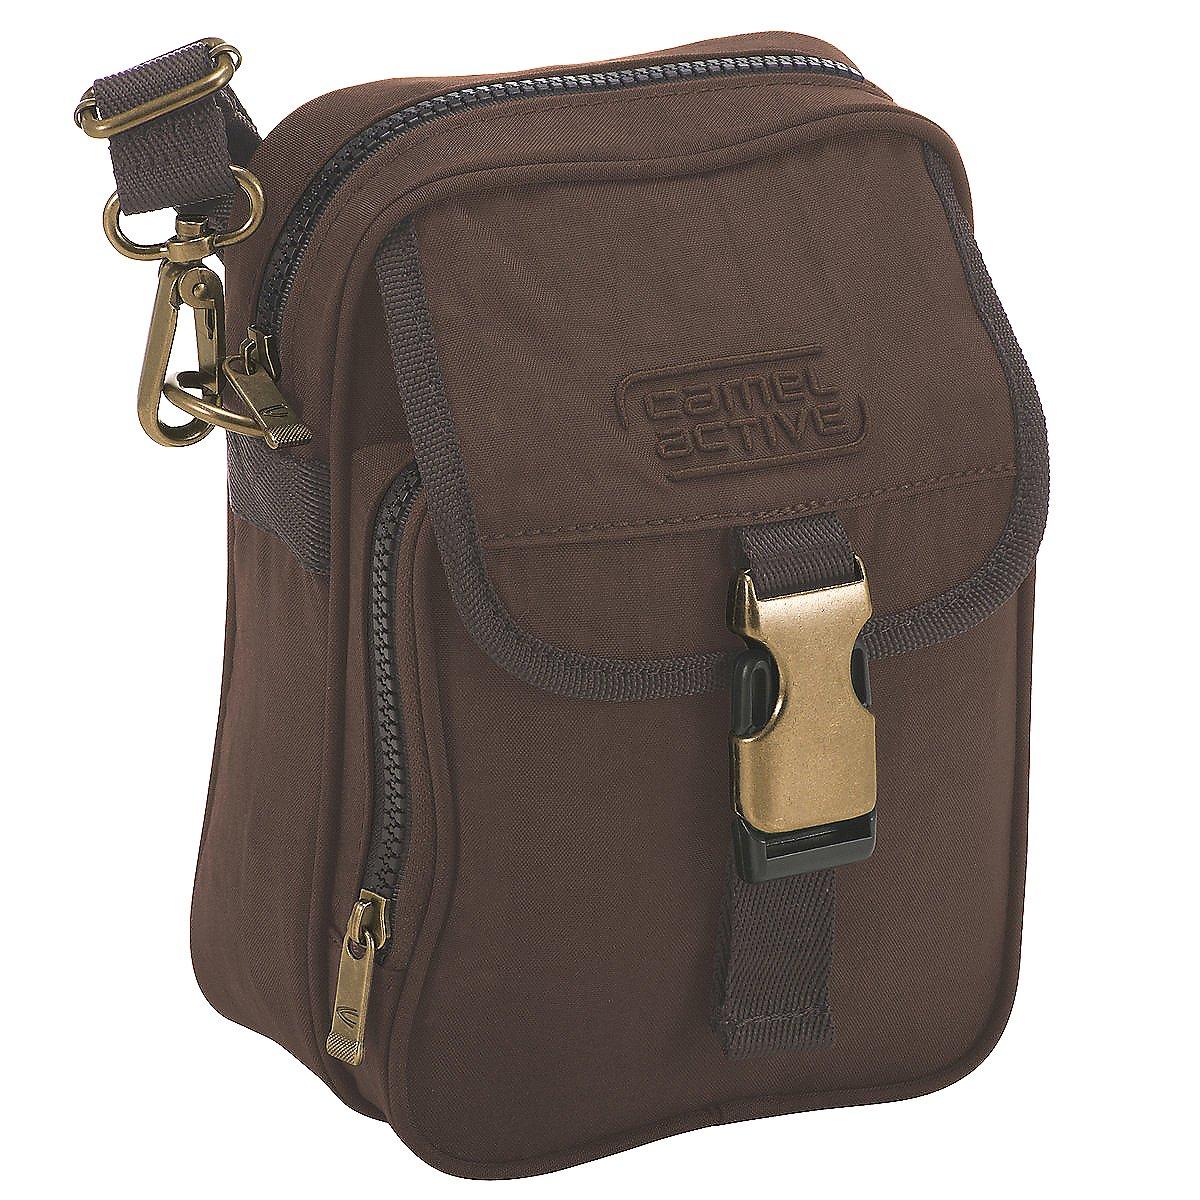 Artikel klicken und genauer betrachten! - ber der Schulter tragbar - Am Gürtel tragbar - Außentasche(n) - Nylon - Braun - Beige - Schwarz - | im Online Shop kaufen